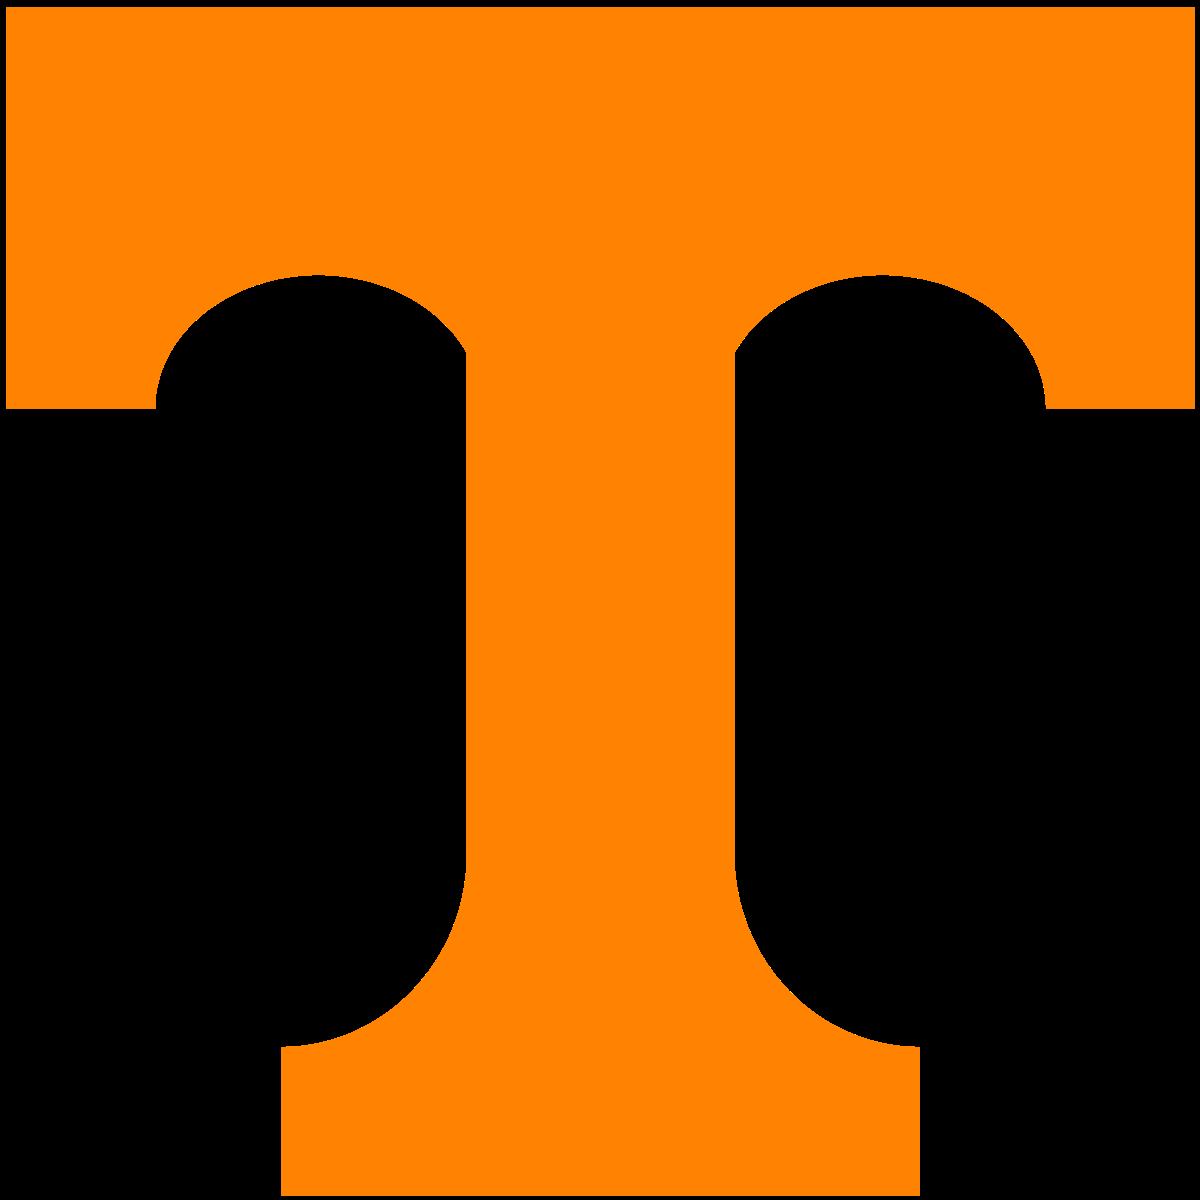 2009 Tennessee Volunteers football team.